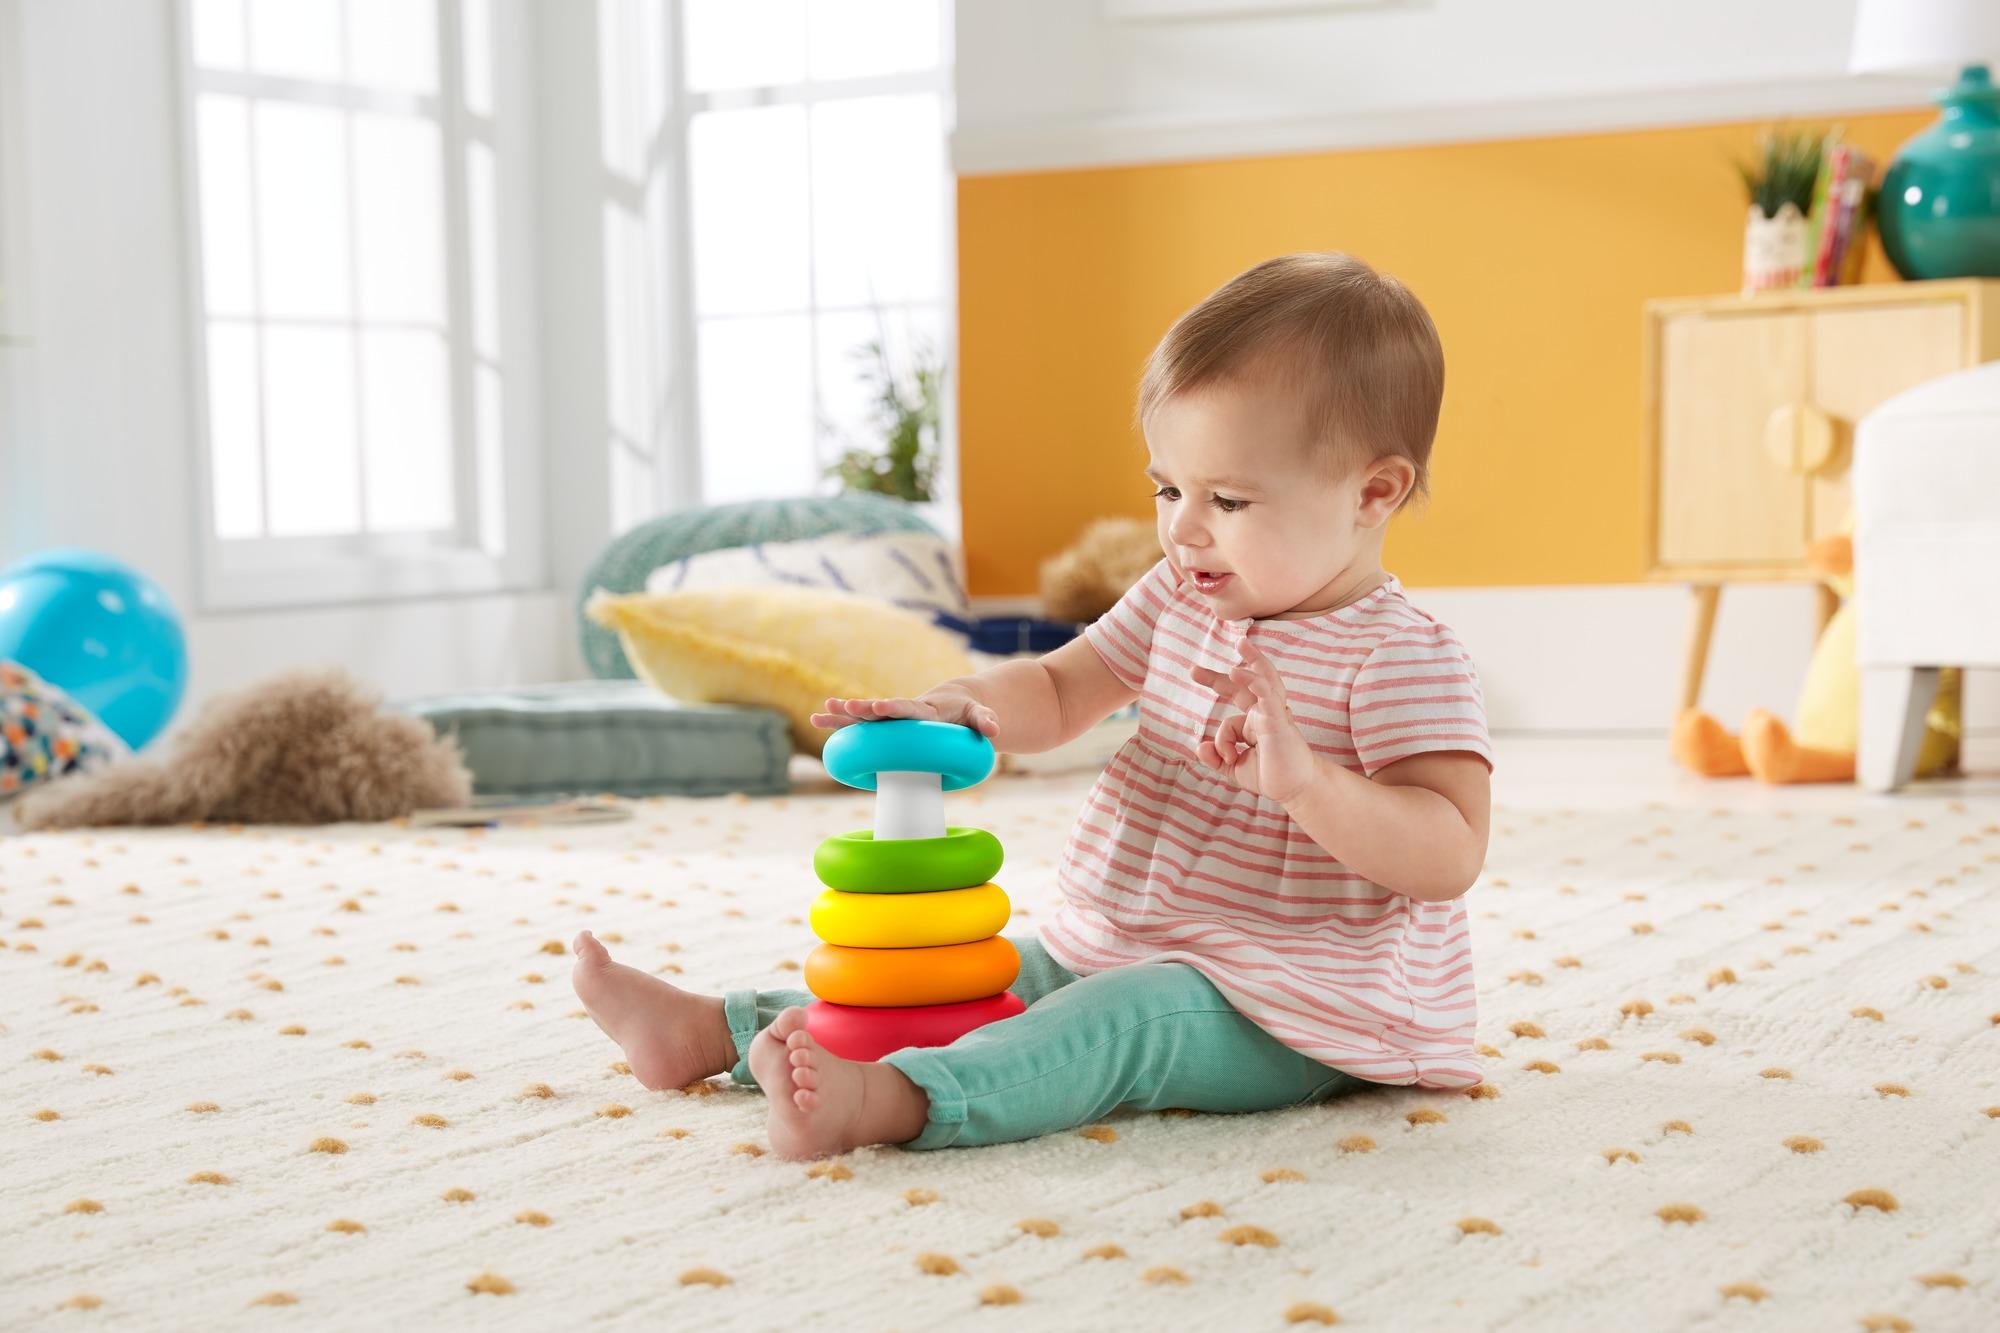 Mattel wprowadza świadomą produkcję zabawek i opakowań